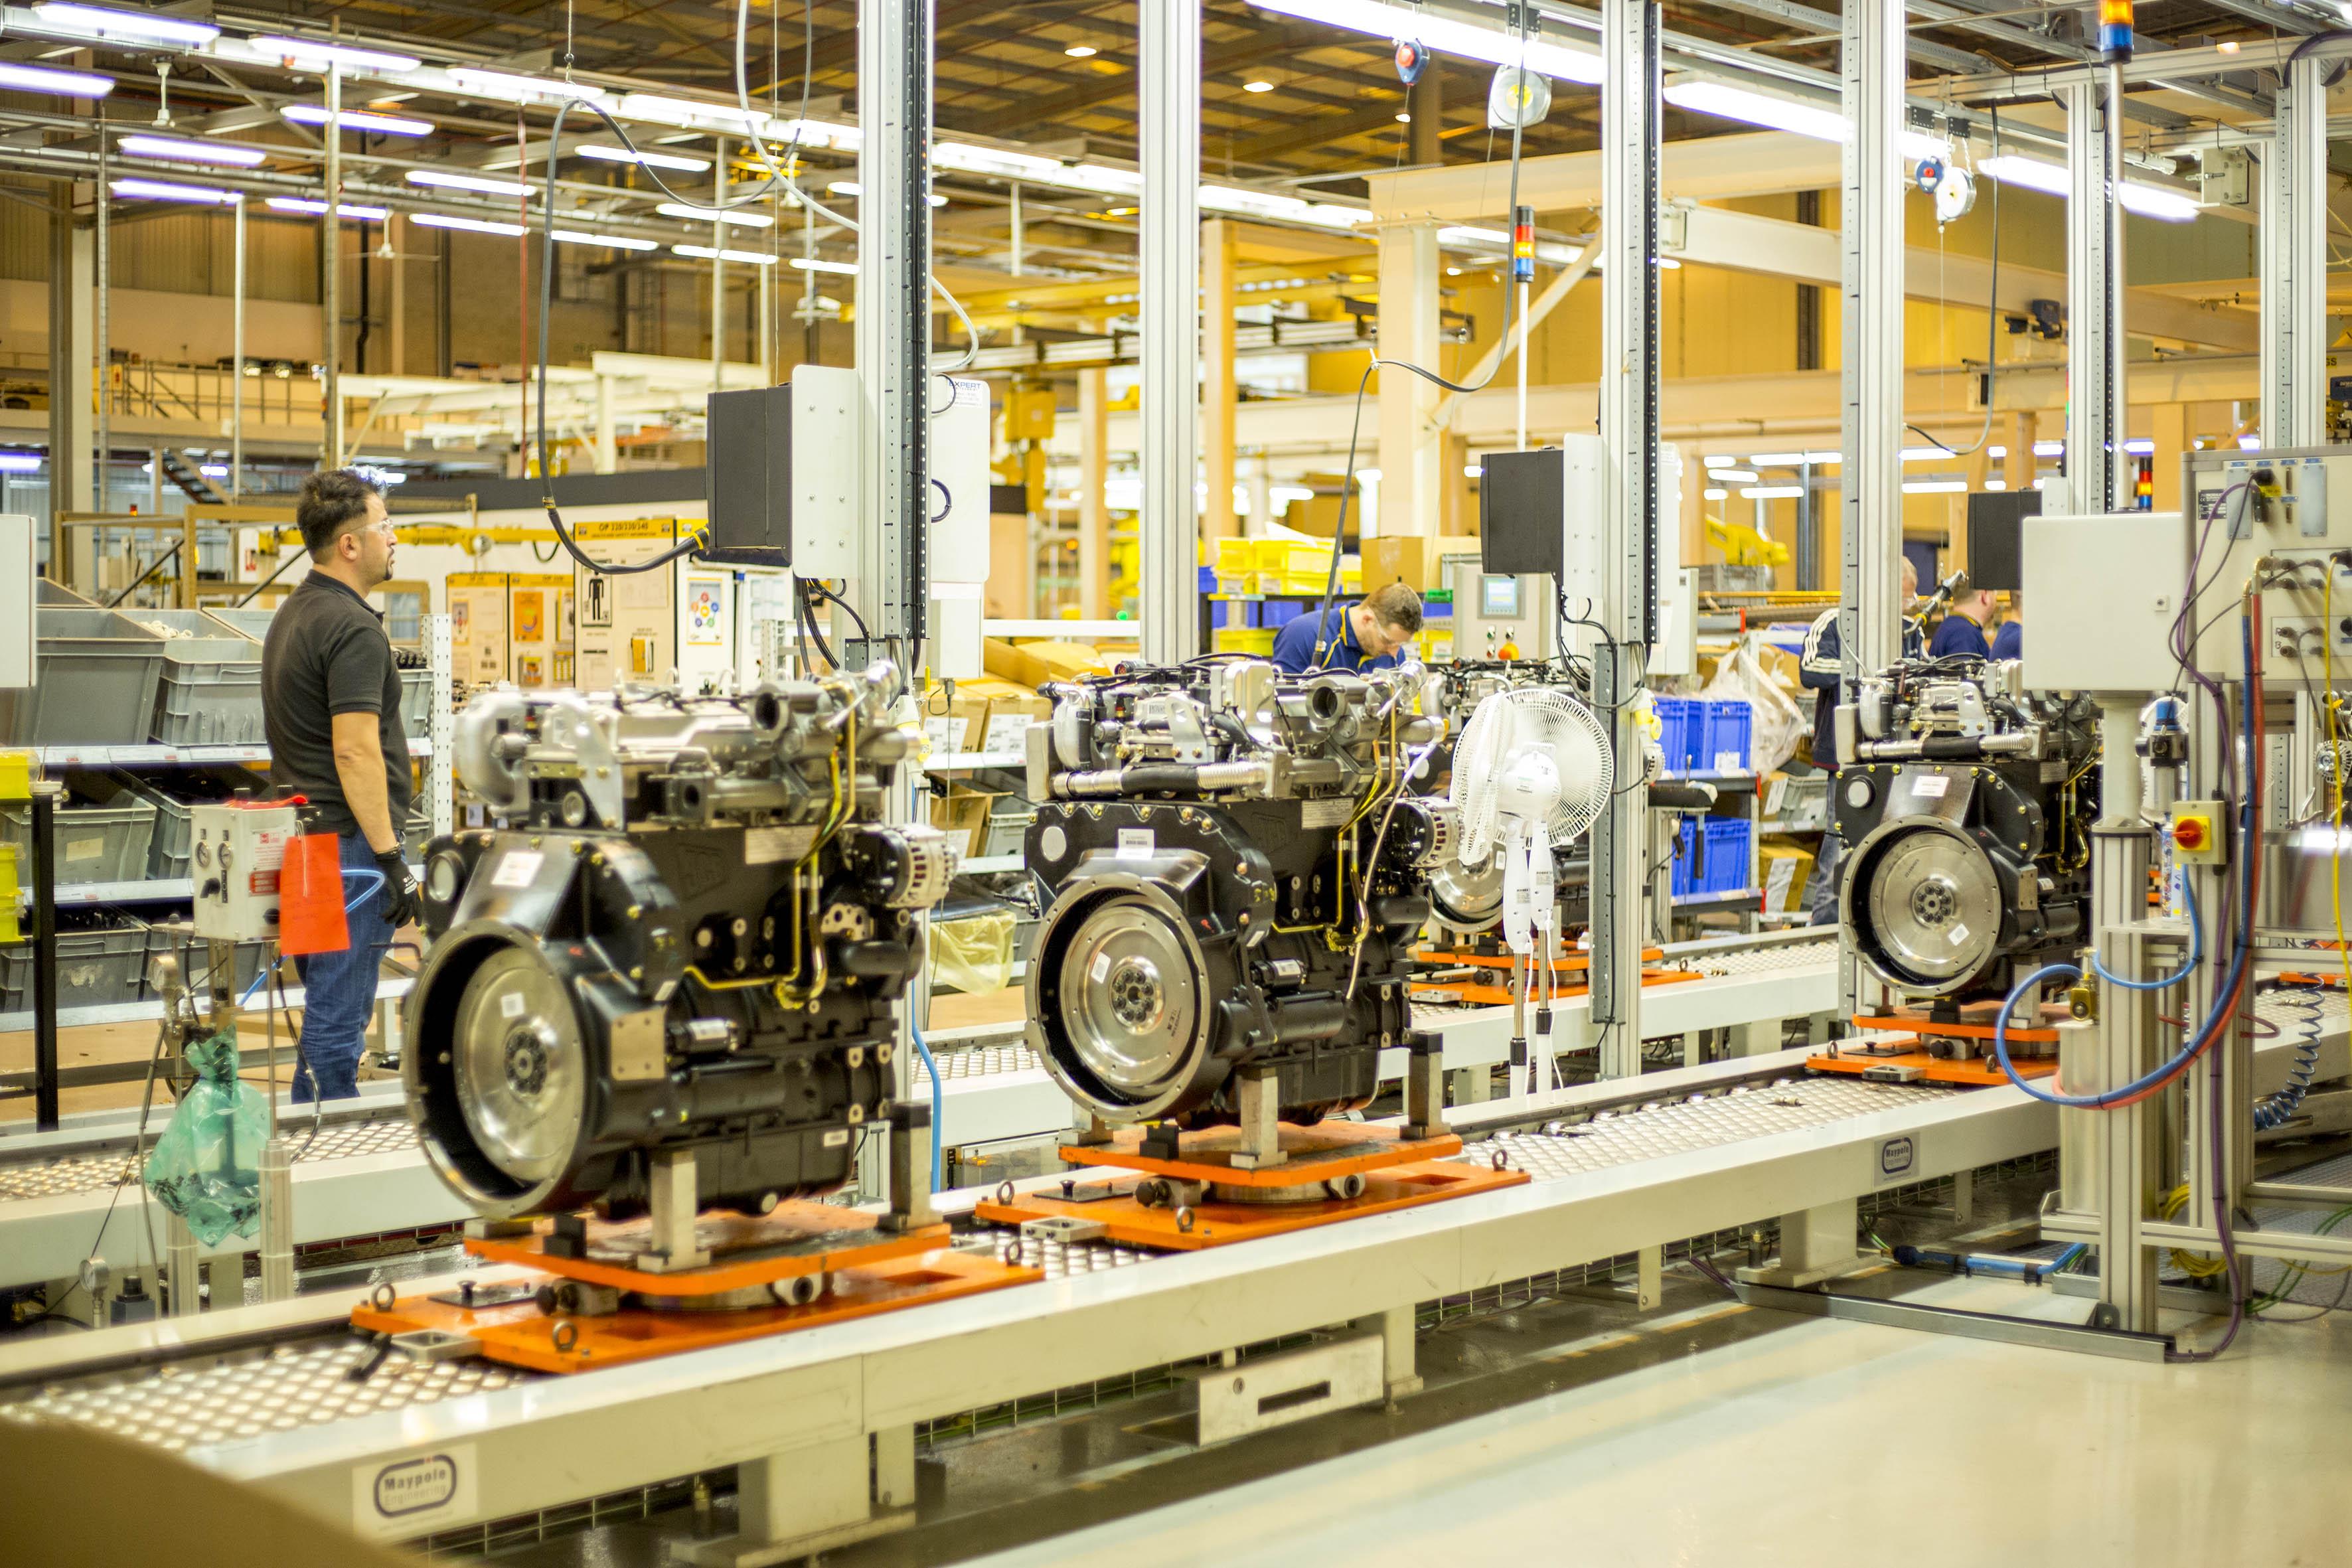 JCB produziert seine Motoren im eigenen Werk in England und investiert kräftig in die Standortsicherung.